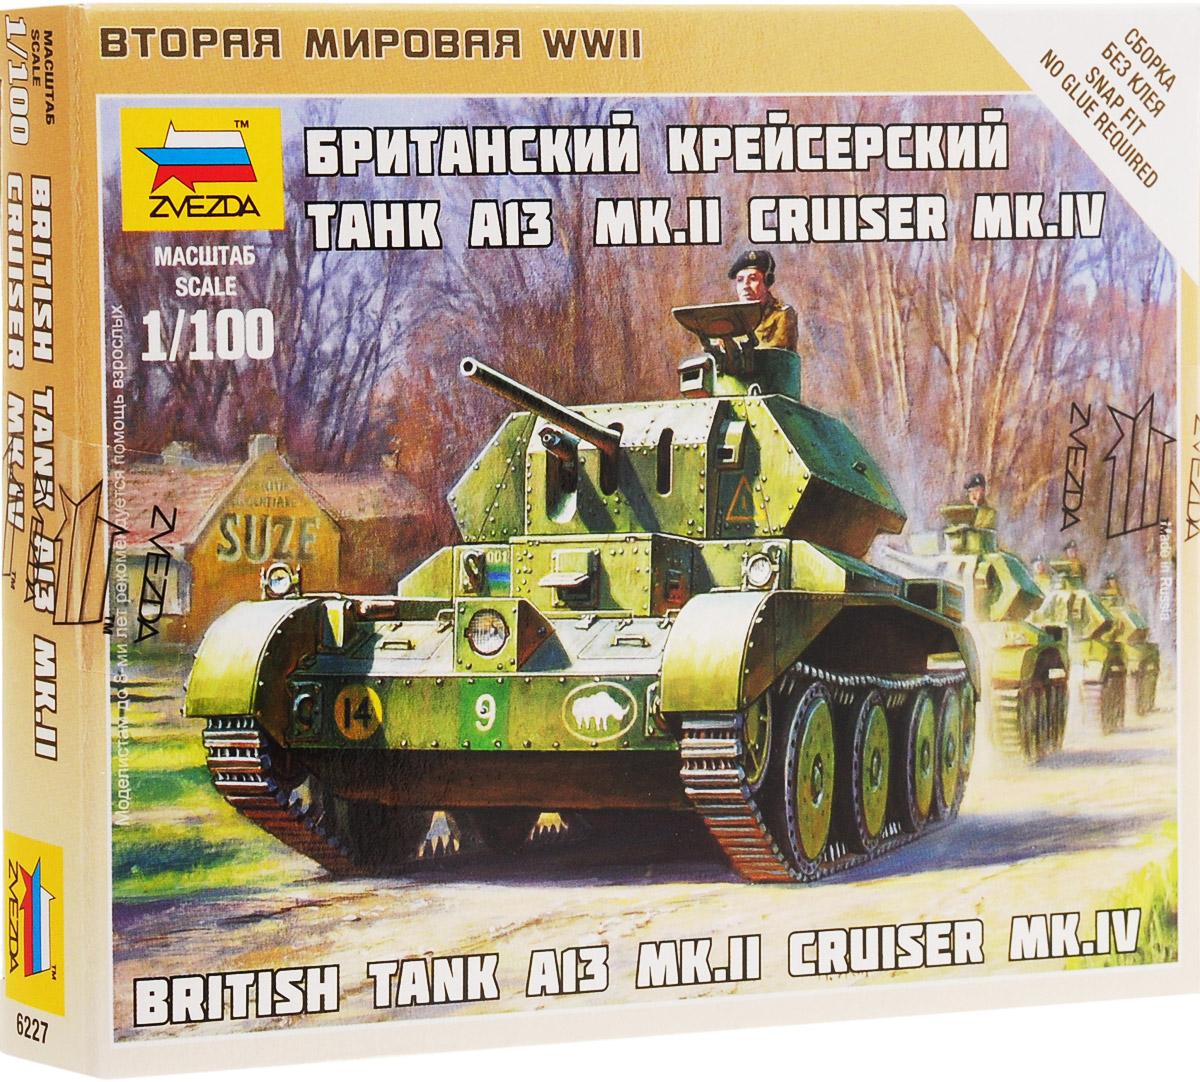 Звезда Сборная модель Британский крейсерский танк A13 MK.II Cruiser MK.IV